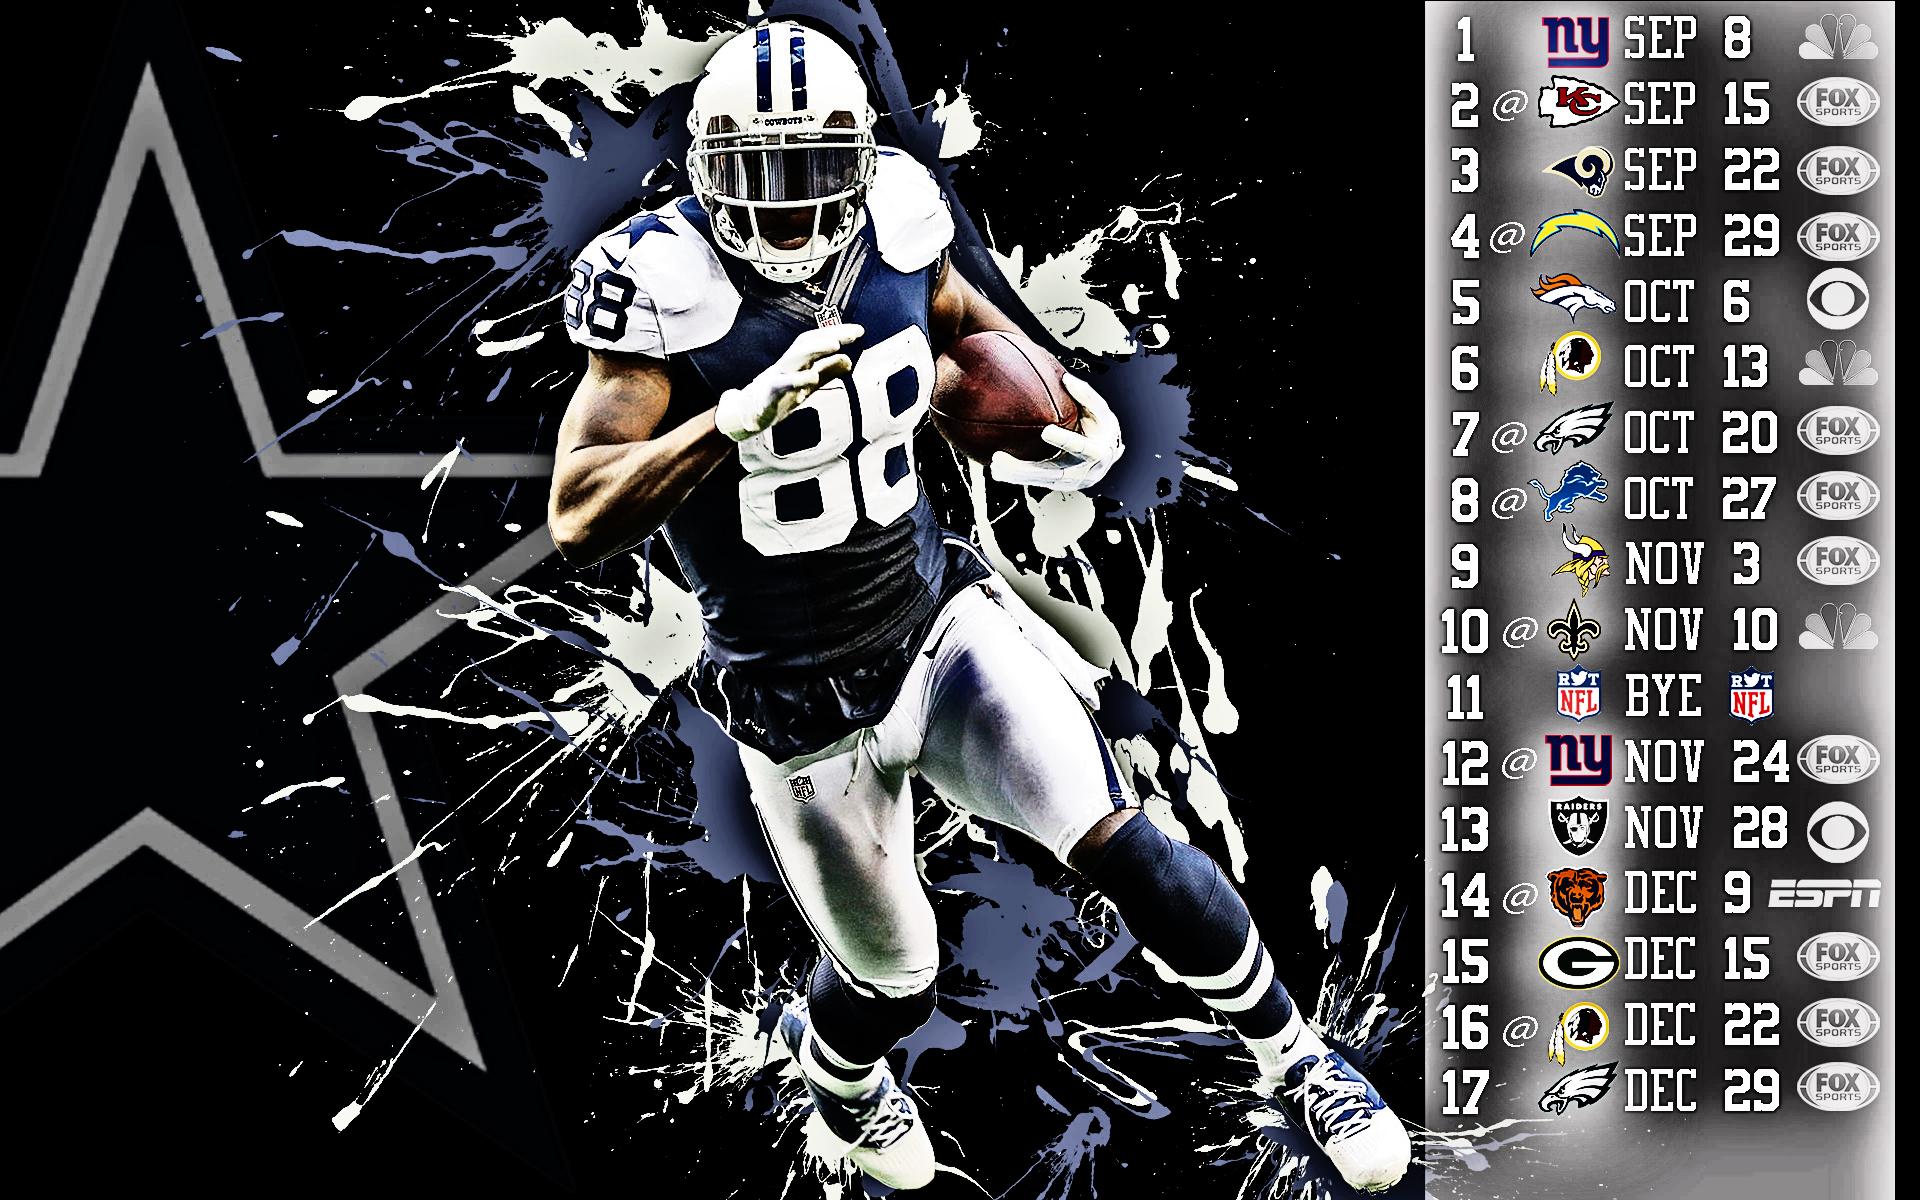 Dallas Cowboys Wallpaper 2017 - HD Wallpaper